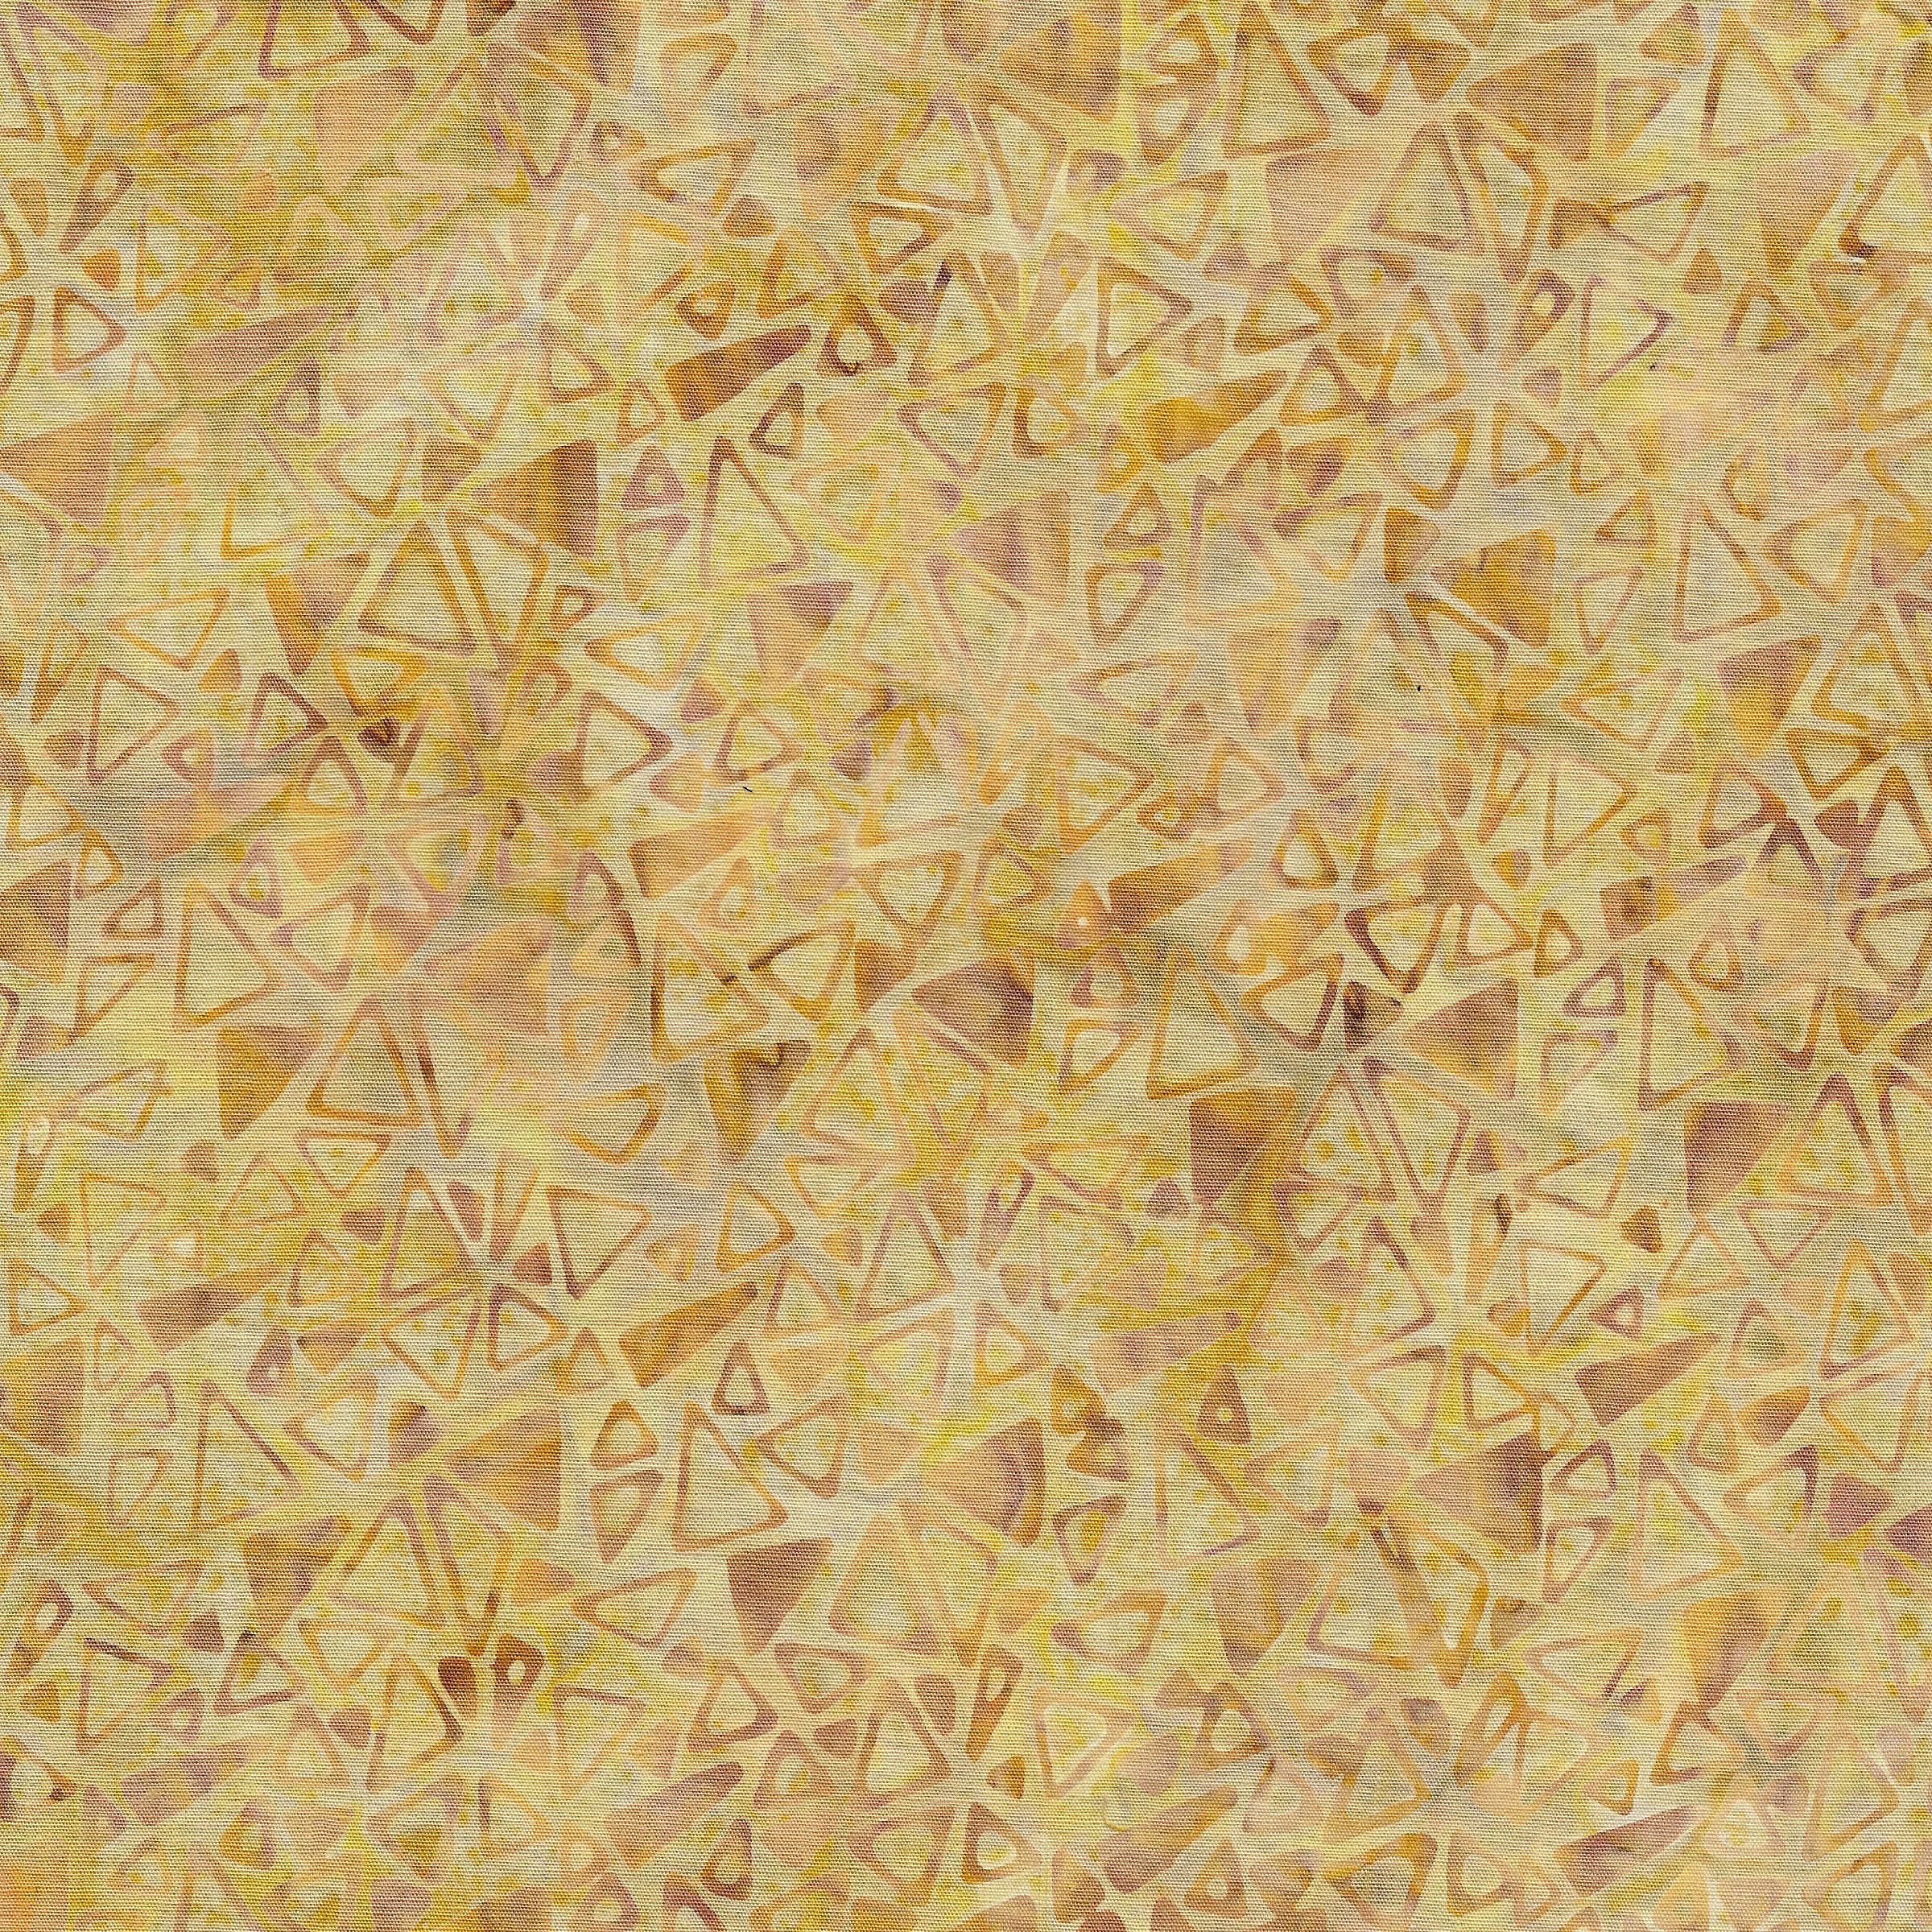 IB- Tossed Triangles Wheat Batik